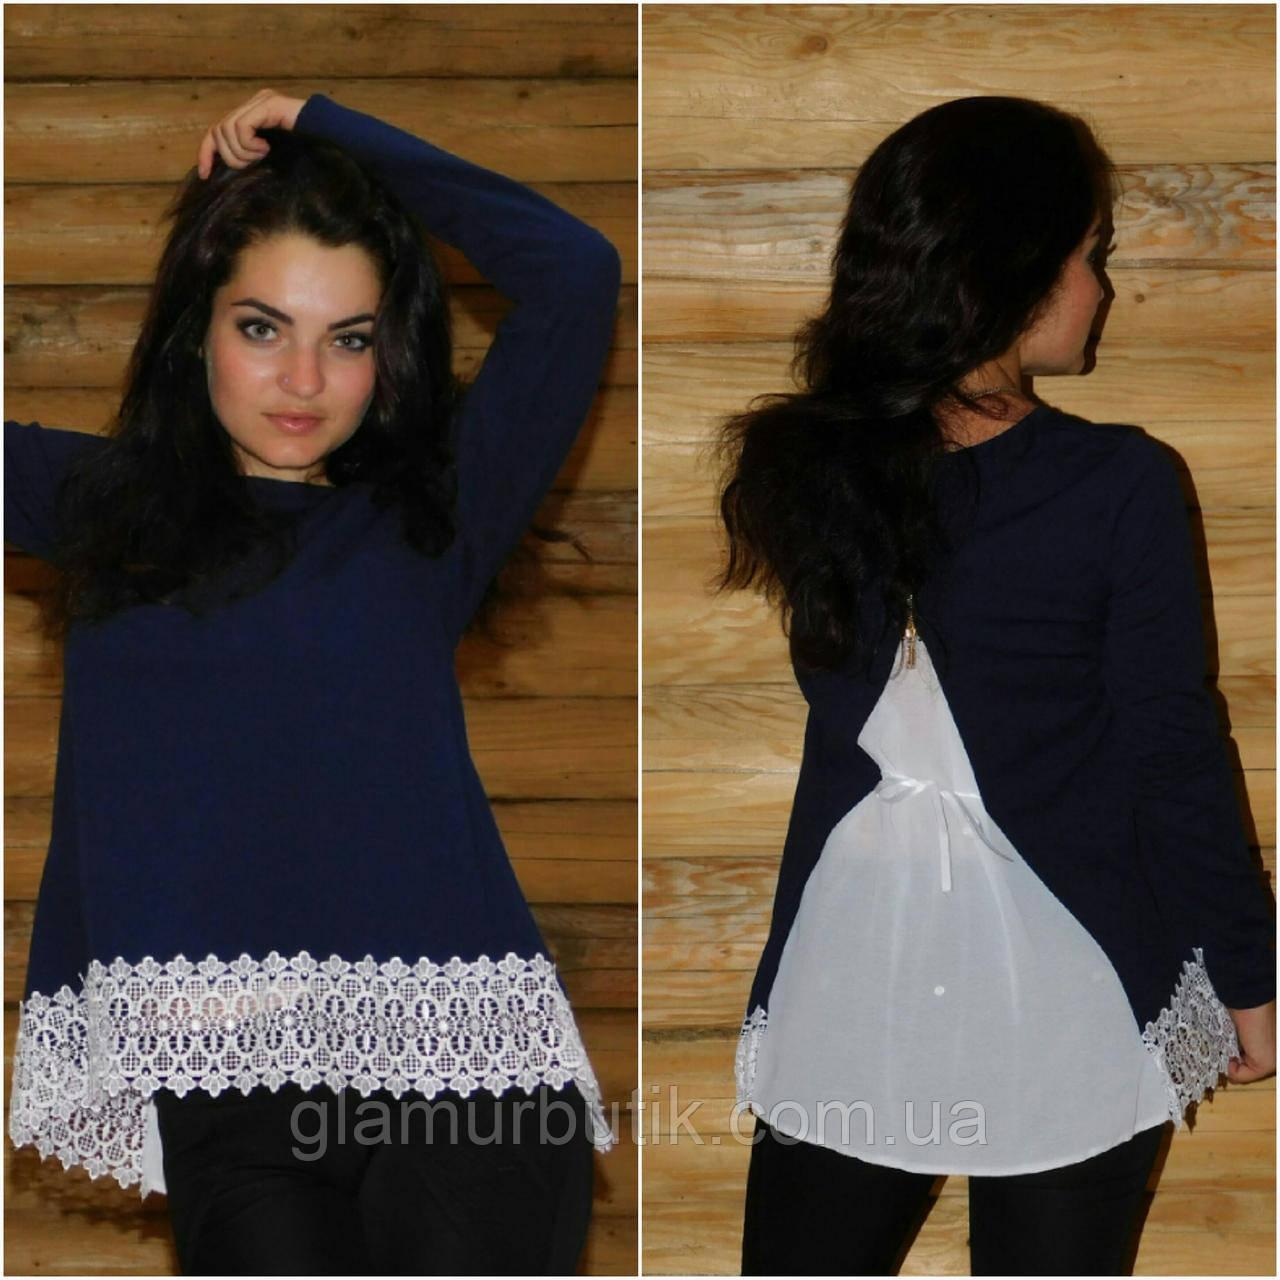 0d4d515e287 Красивая женская блузка блуза с кружевом и чёрной шифоновой вставкой на  спине синяя S-M L-XL